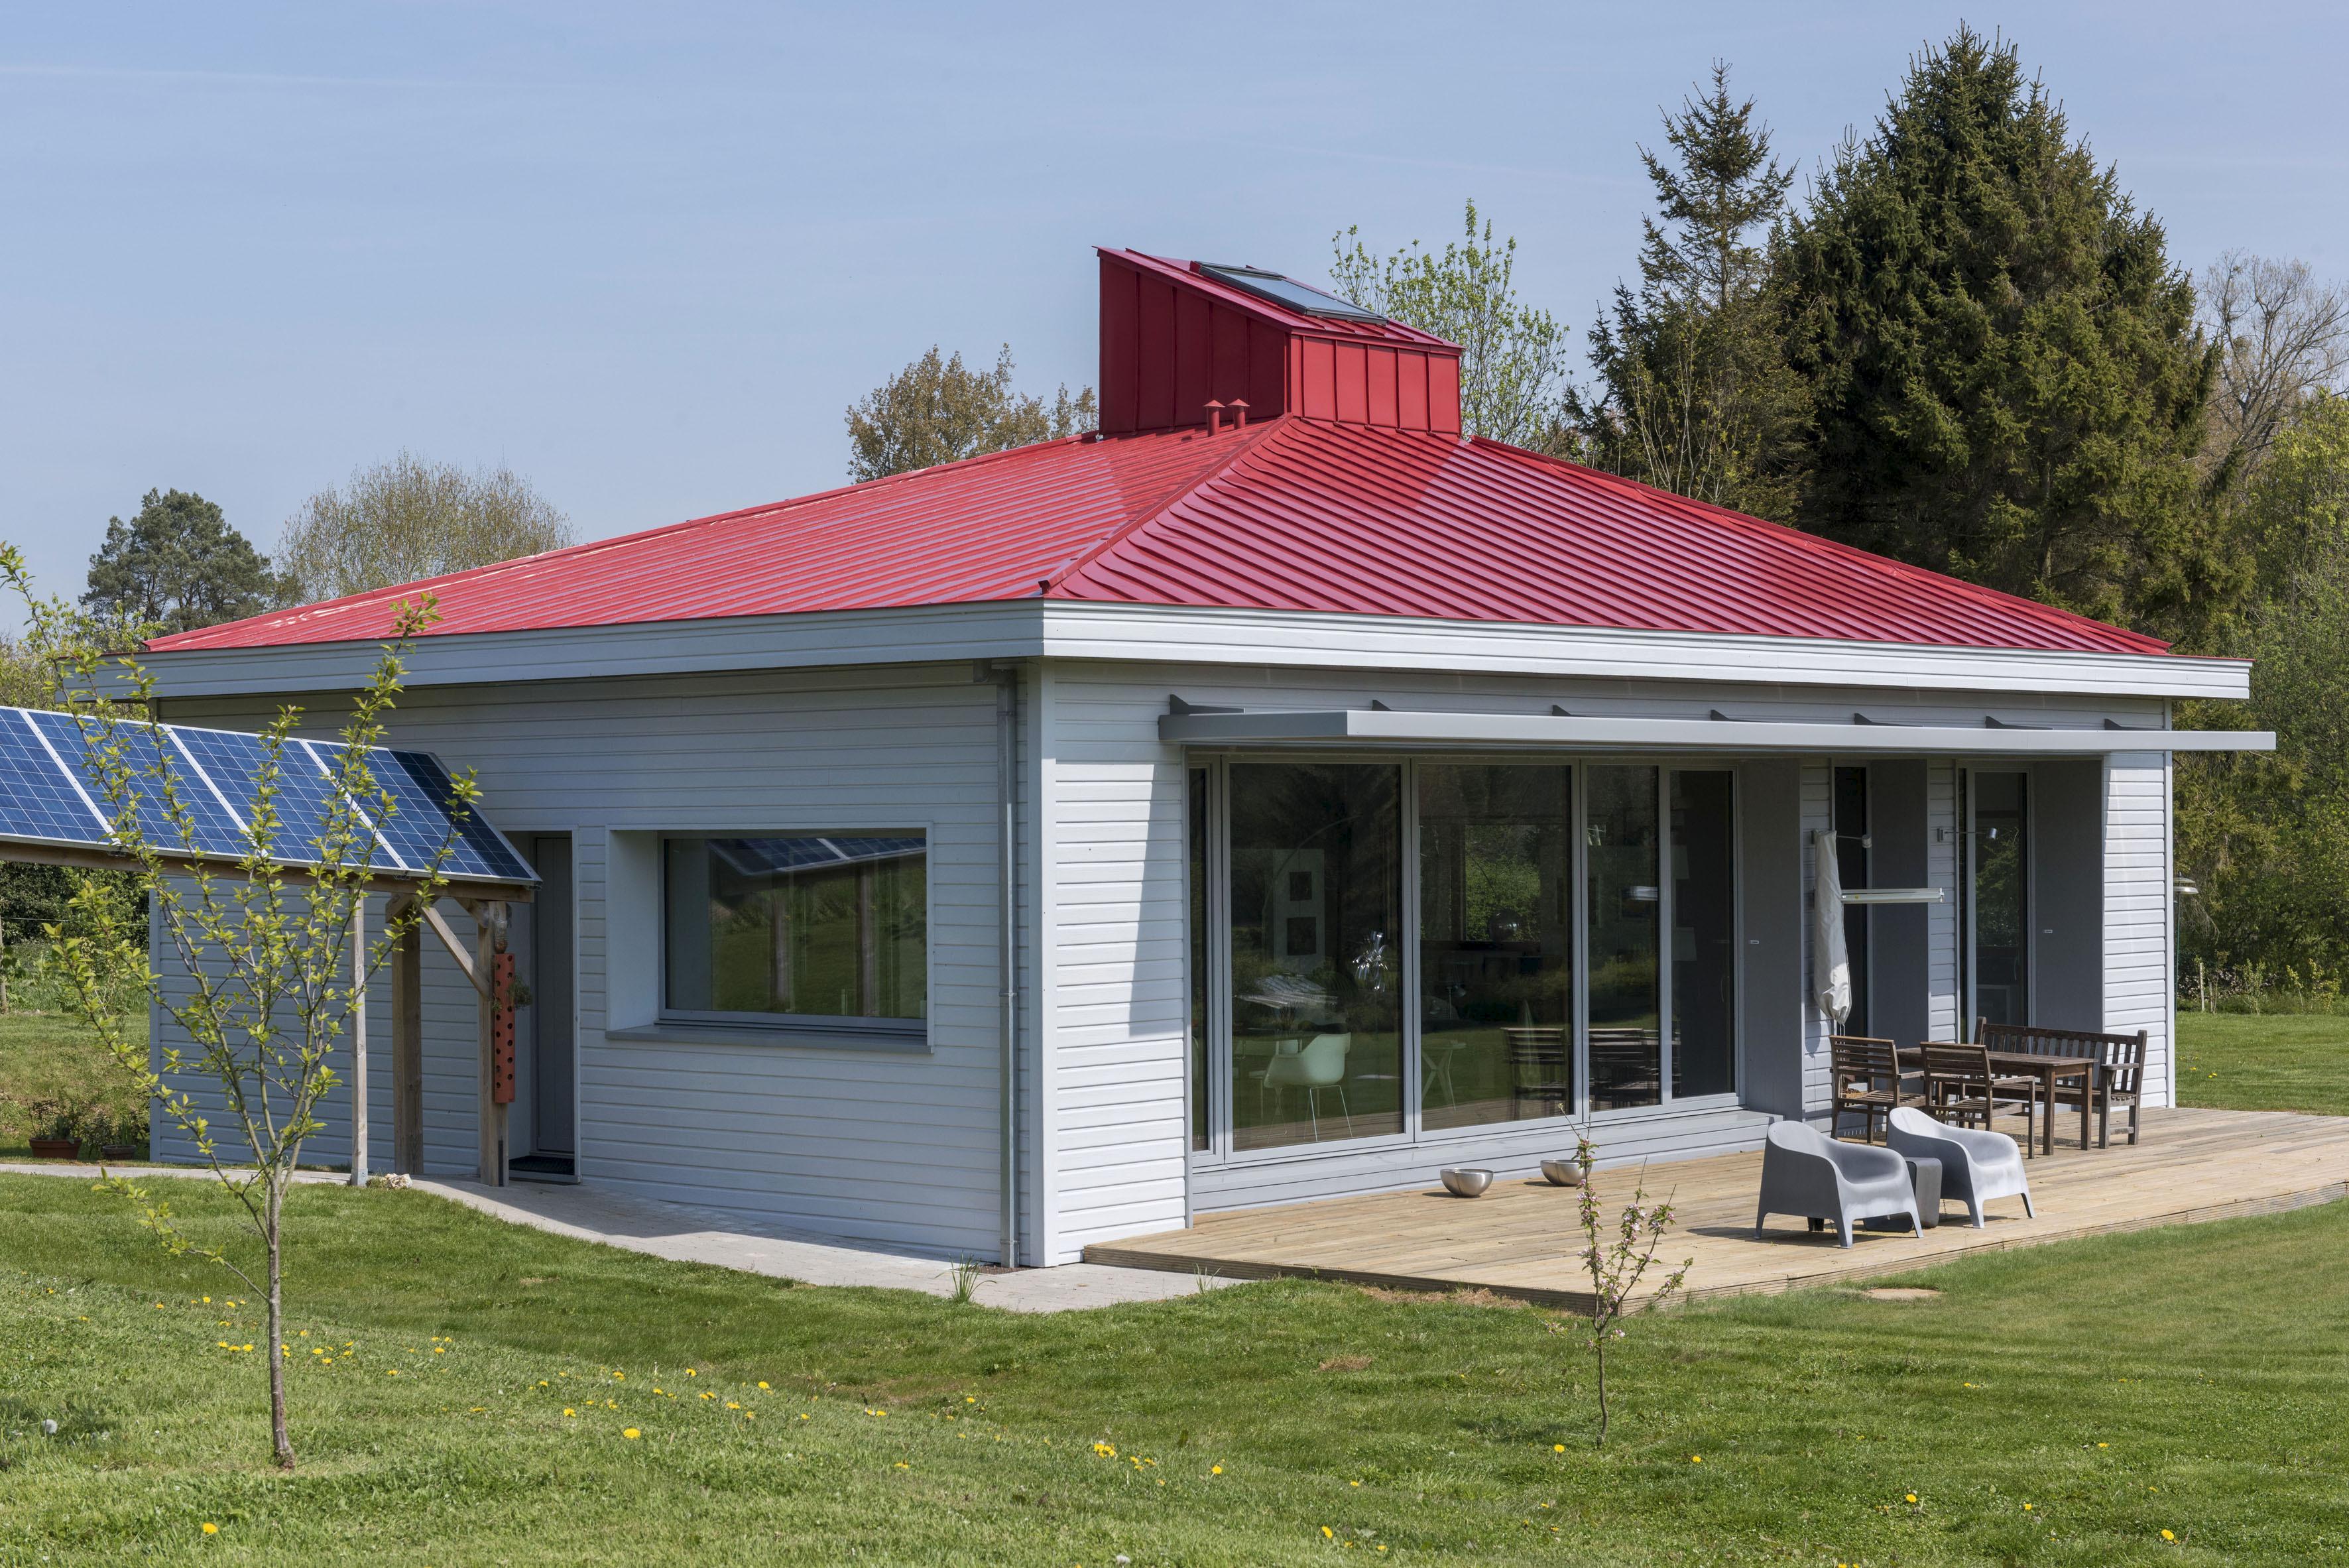 maison toit zinc great betton with maison toit zinc perfect vue ct nord est with maison toit. Black Bedroom Furniture Sets. Home Design Ideas